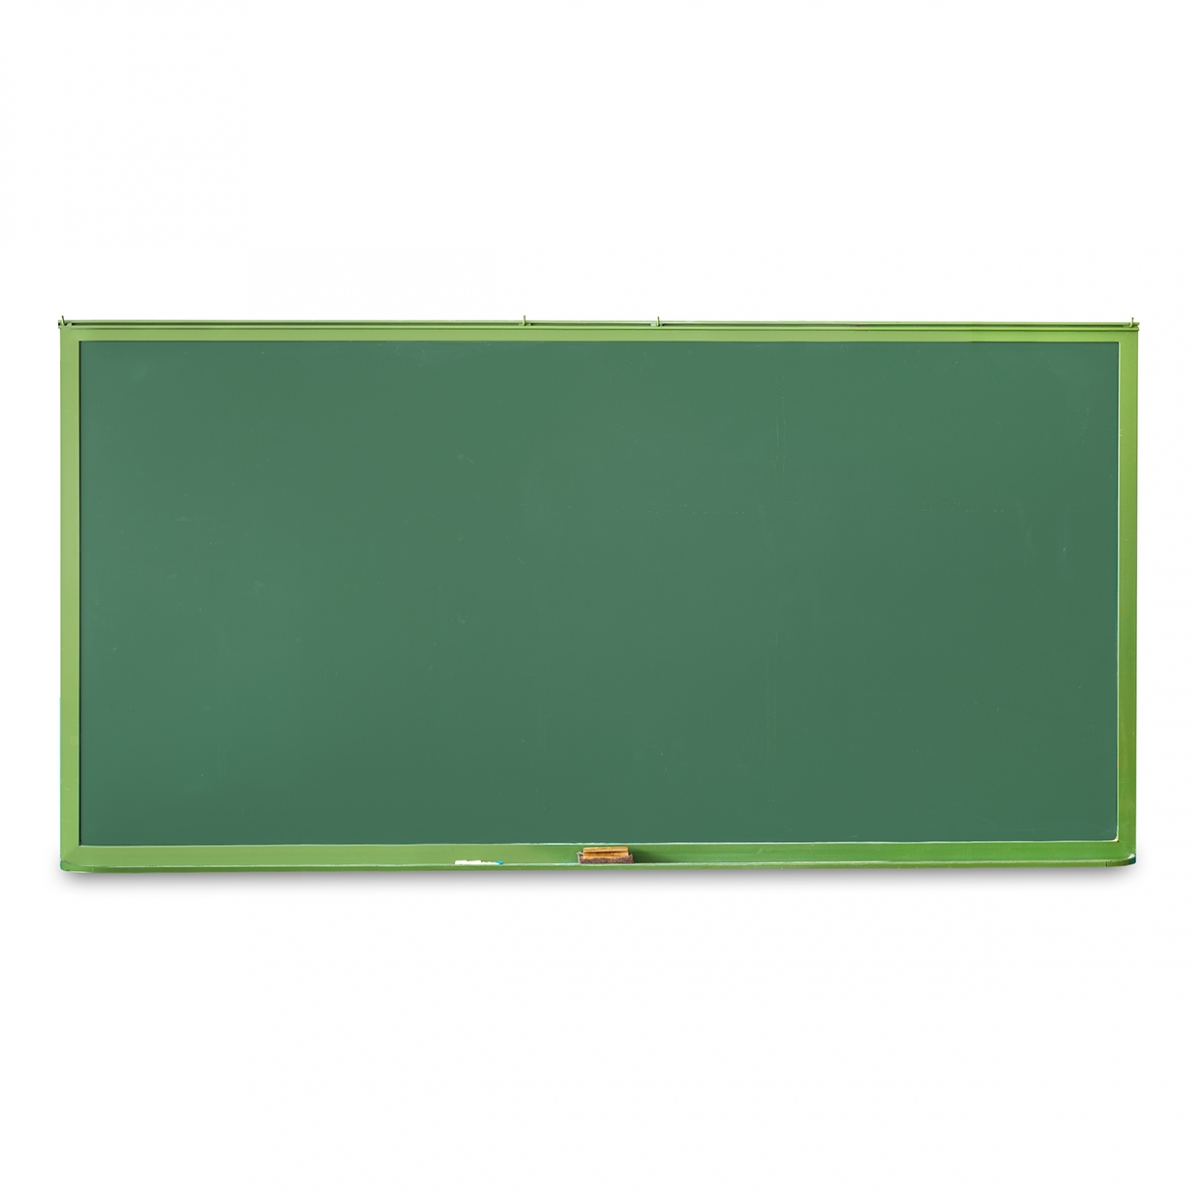 Imagen en la que aparece una pizarra verde de colegio